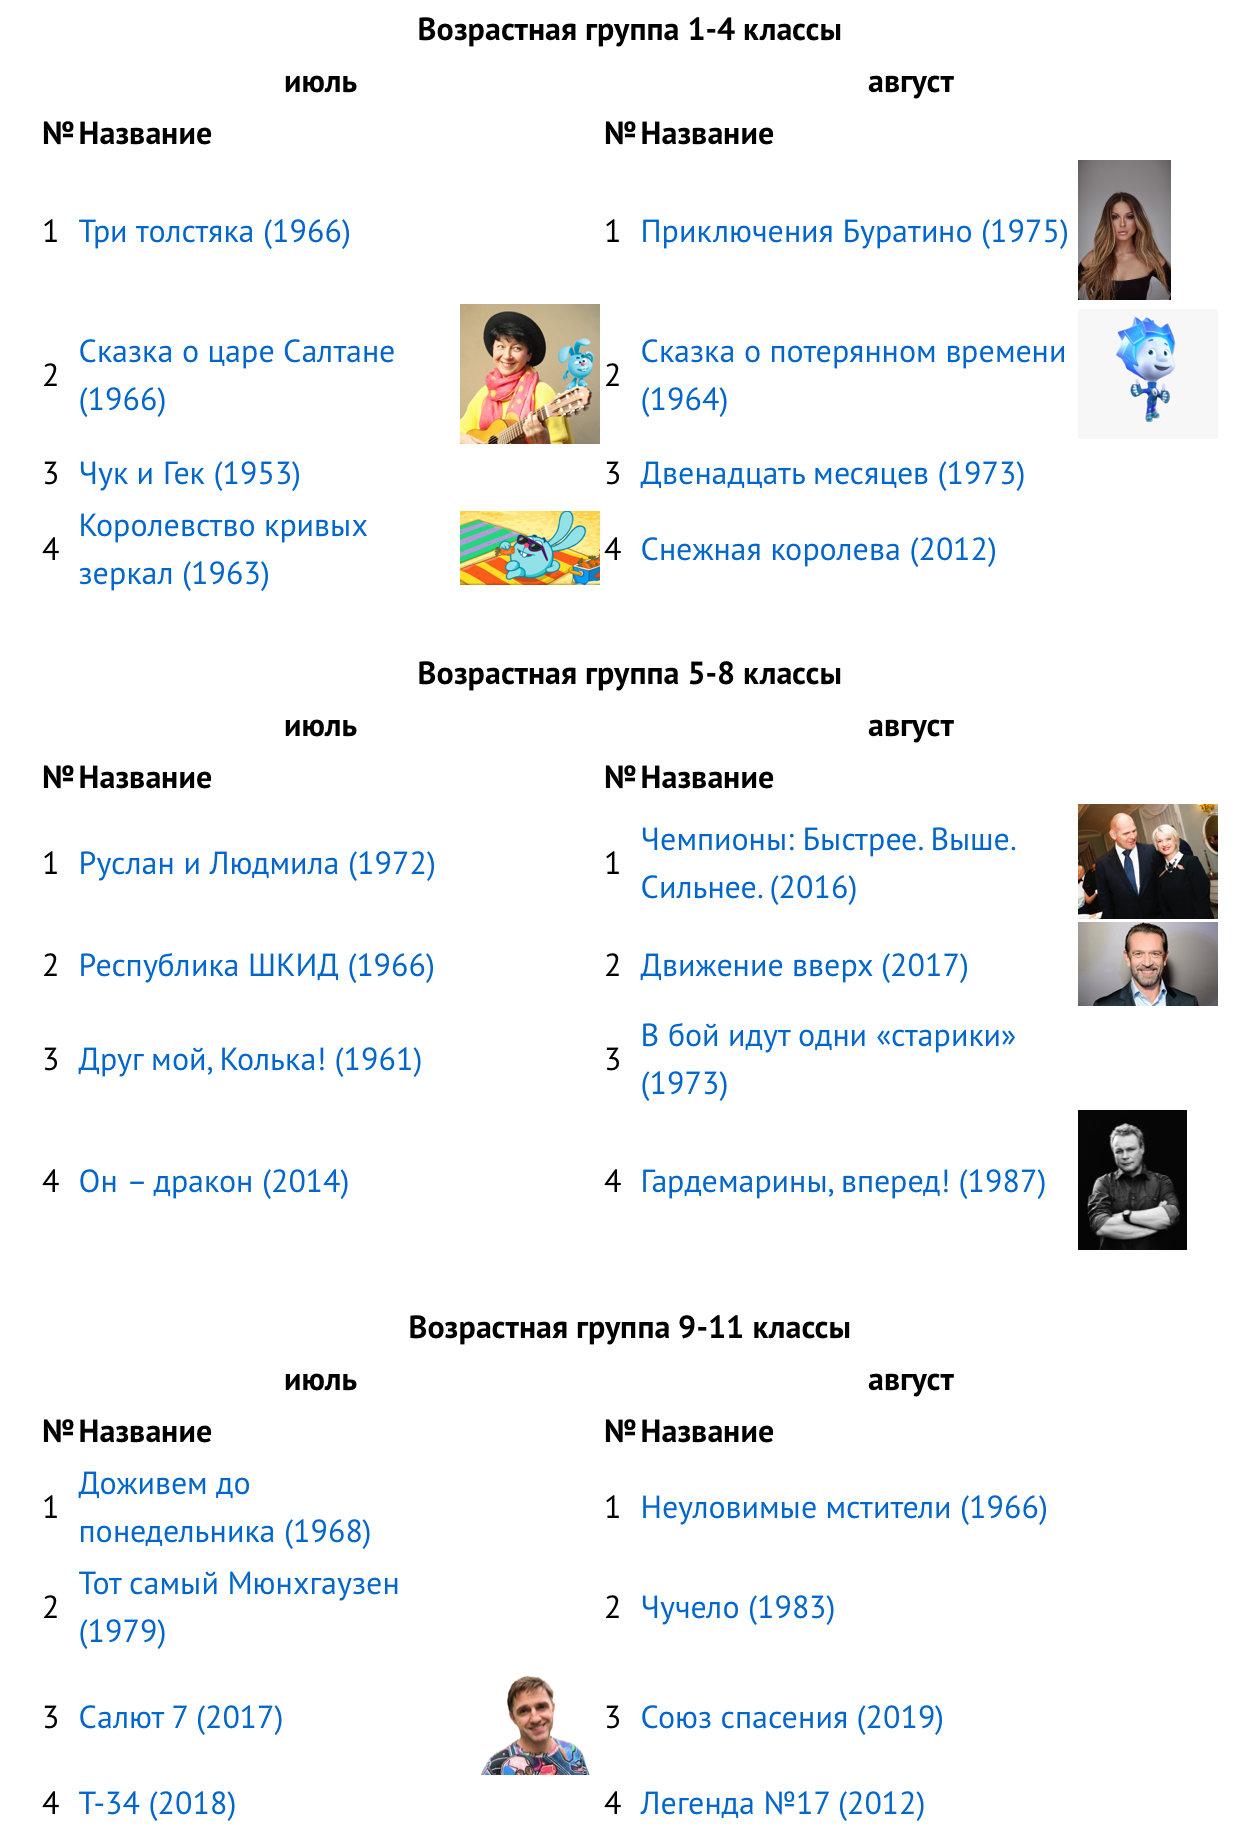 «Кинолето» и «Галерея литературных героев» познакомят школьников с шедеврами кино и литературы России, фото-1